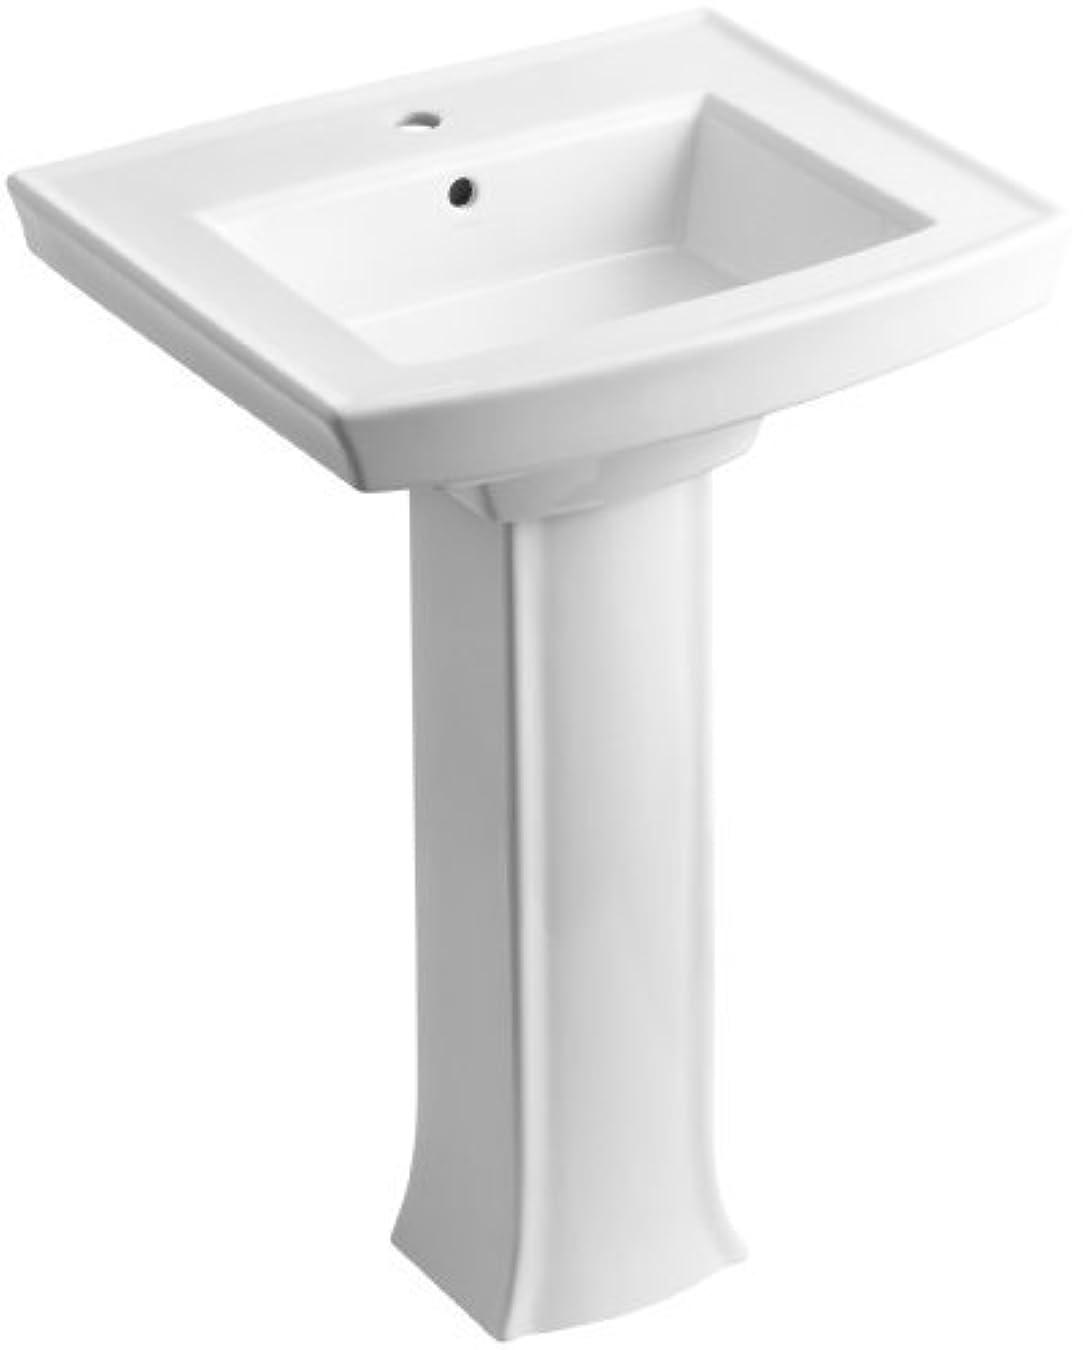 イブニングギャザーメルボルンKOHLER K-2359-1-0 Archer Pedestal Bathroom Sink with Single-Hole Faucet Drilling, White [並行輸入品]